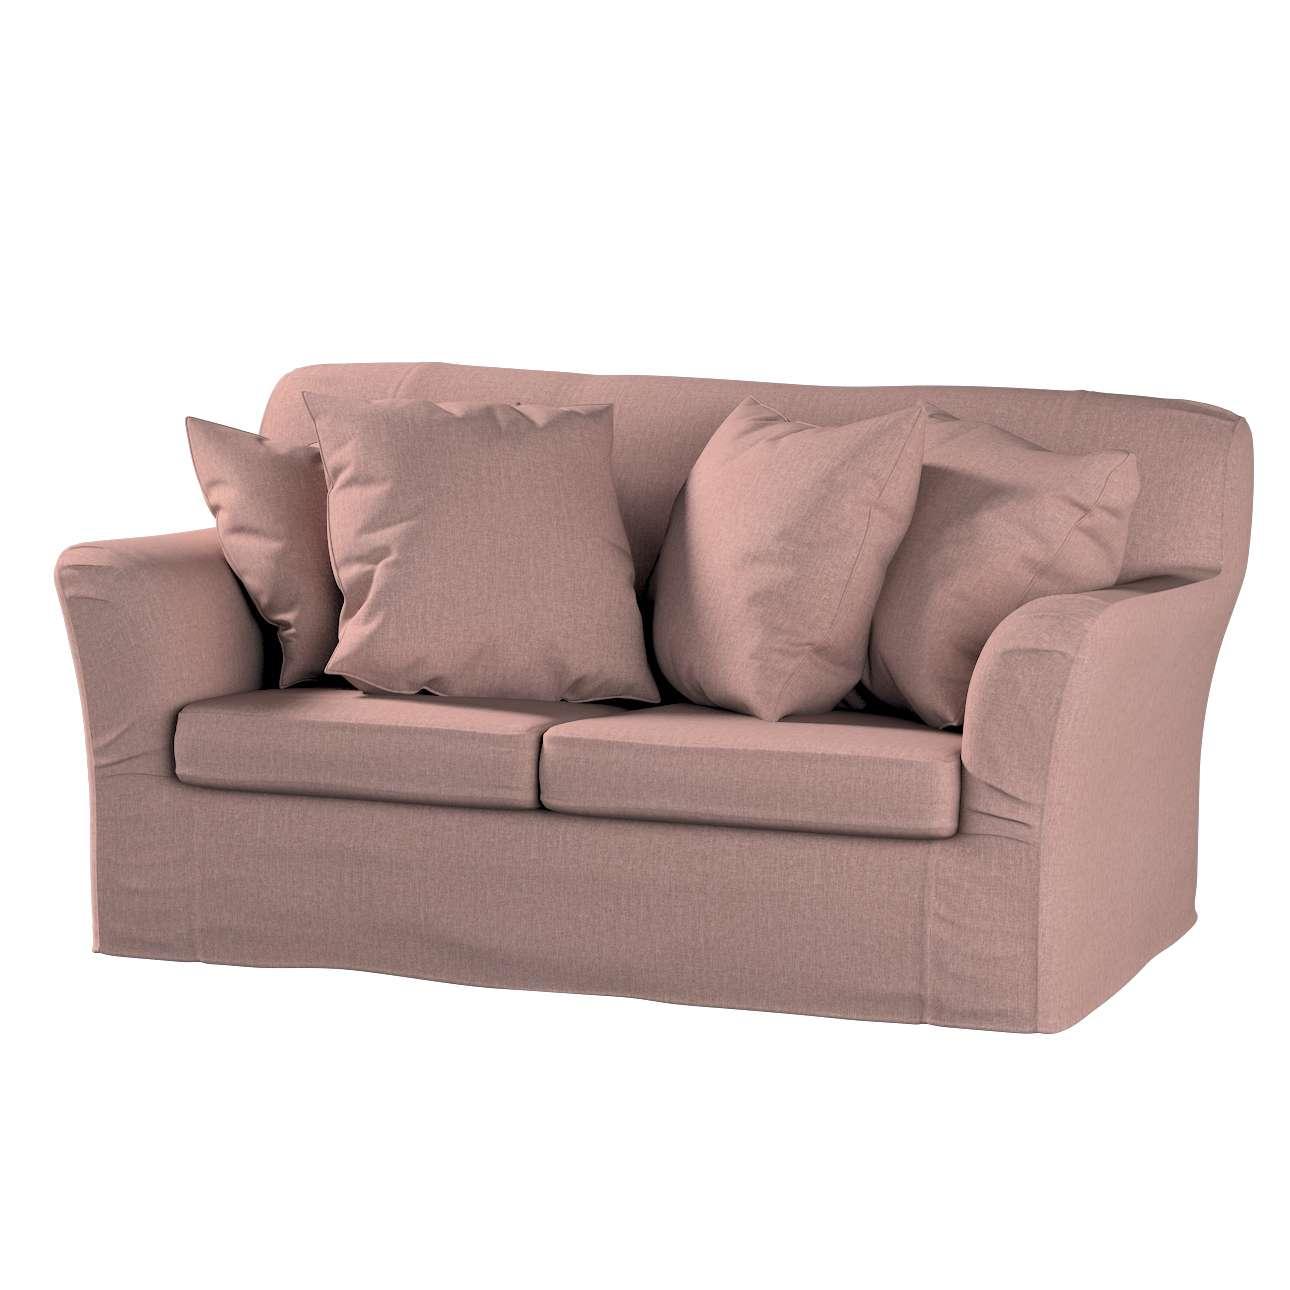 Pokrowiec na sofę Tomelilla 2-osobową nierozkładaną w kolekcji City, tkanina: 704-83